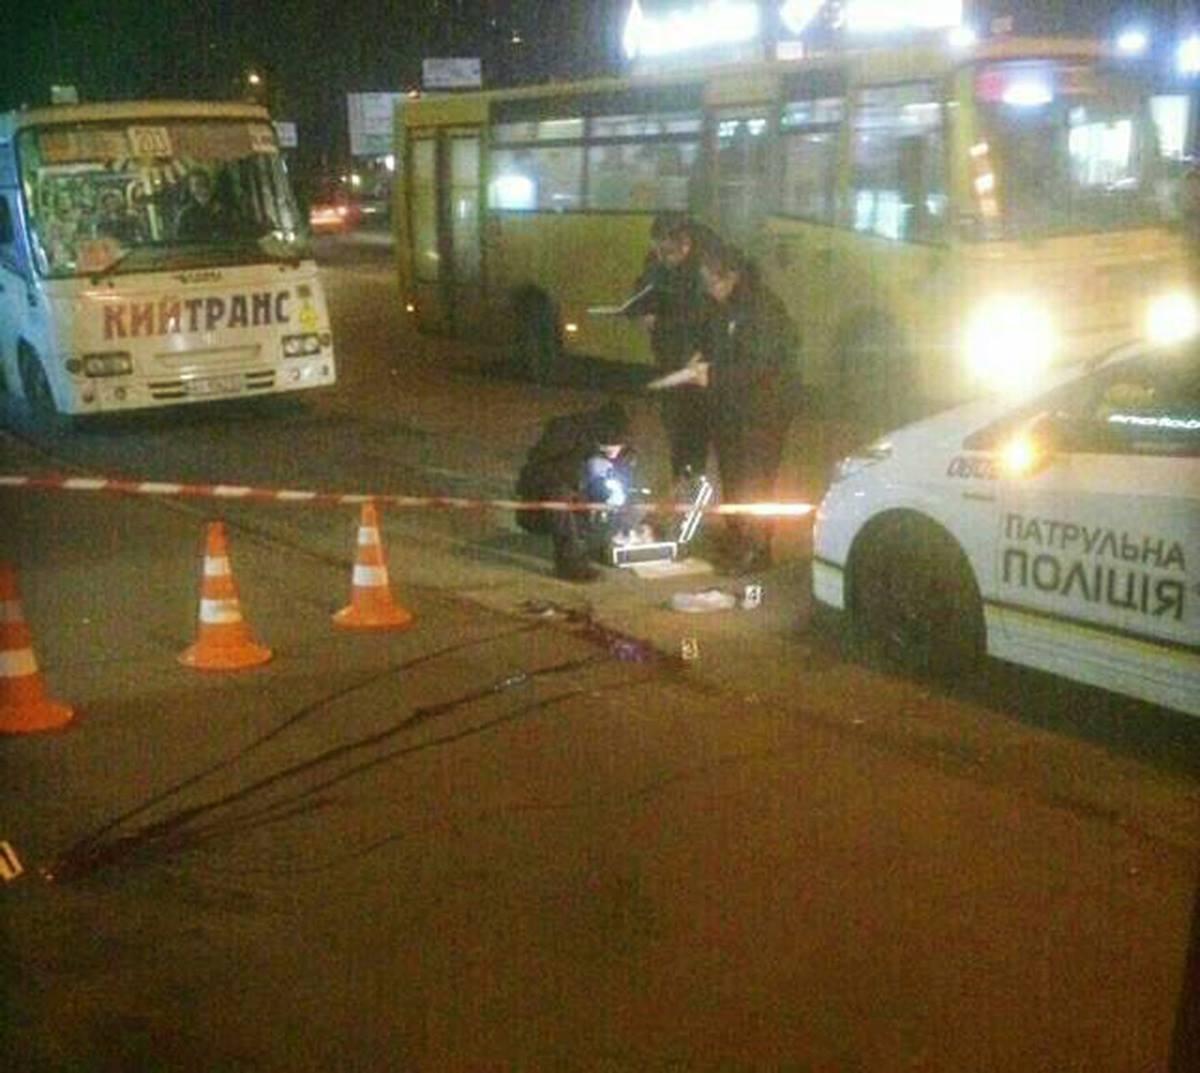 ВКиеве мужчина застрелился наостановке наглазах упрохожих